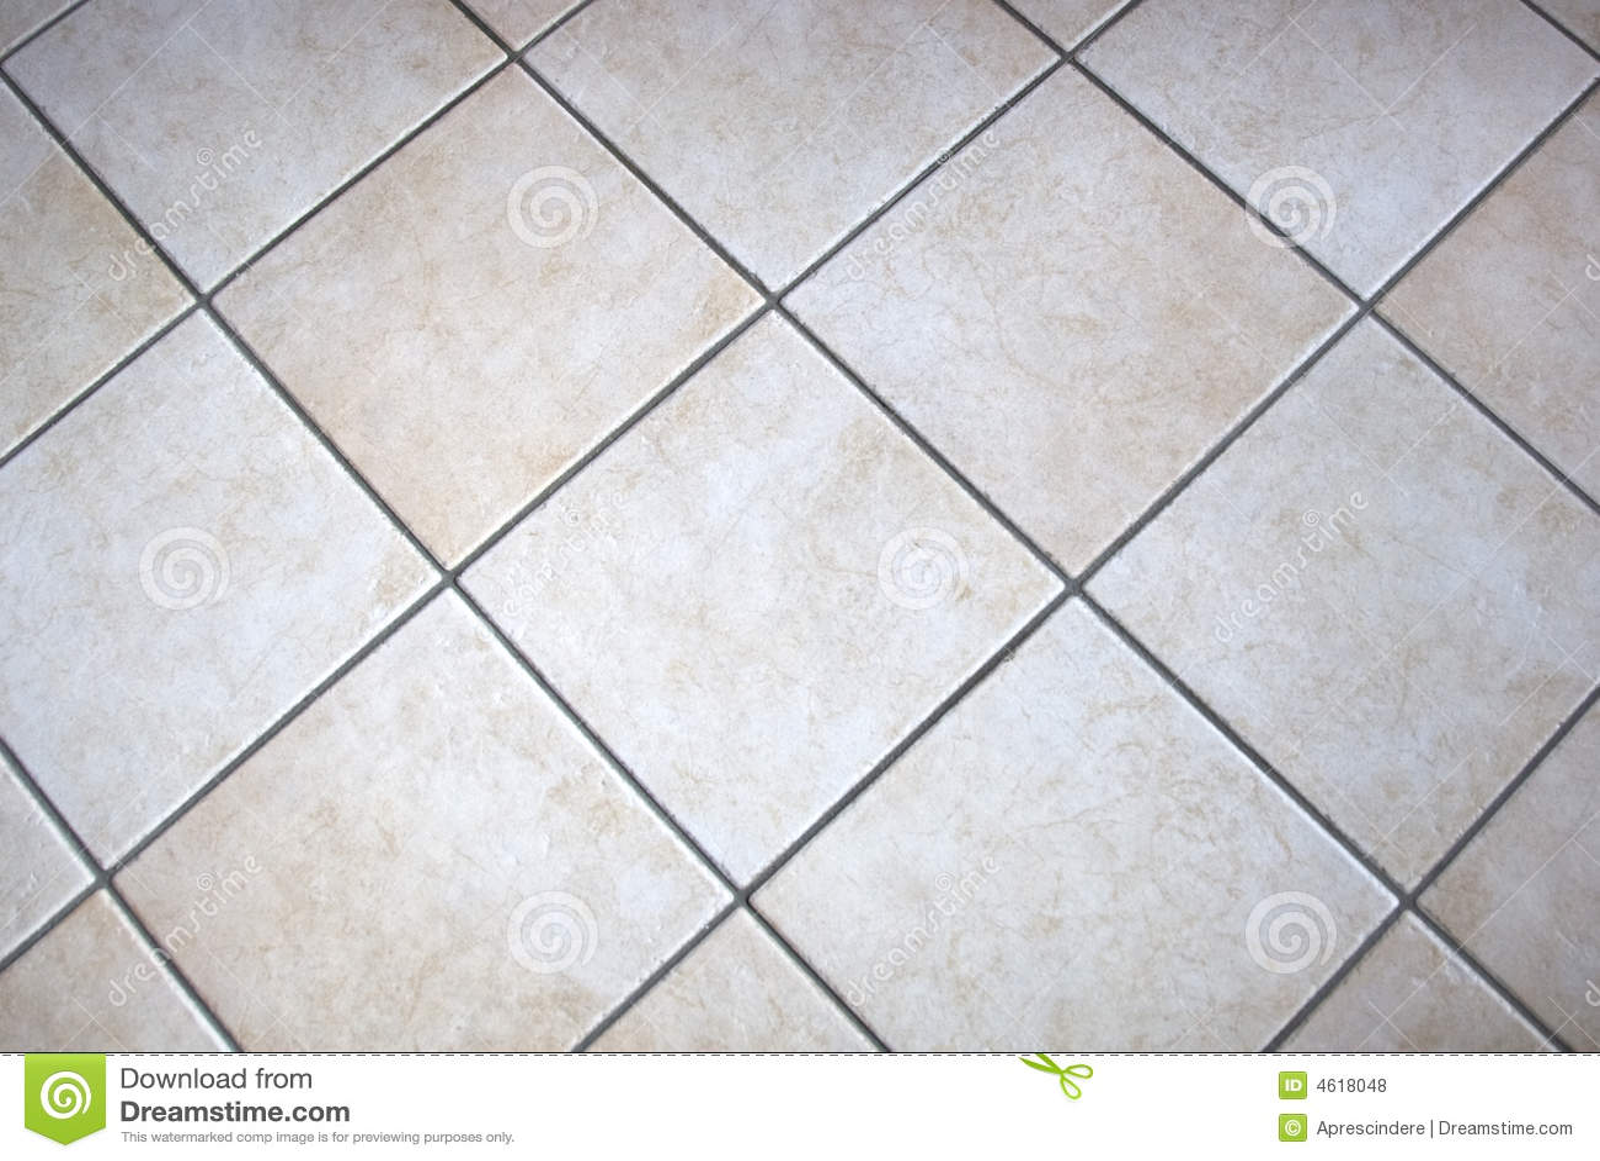 Mattonelle di pavimento fotografie stock libere da diritti for Strumento di progettazione del layout del pavimento